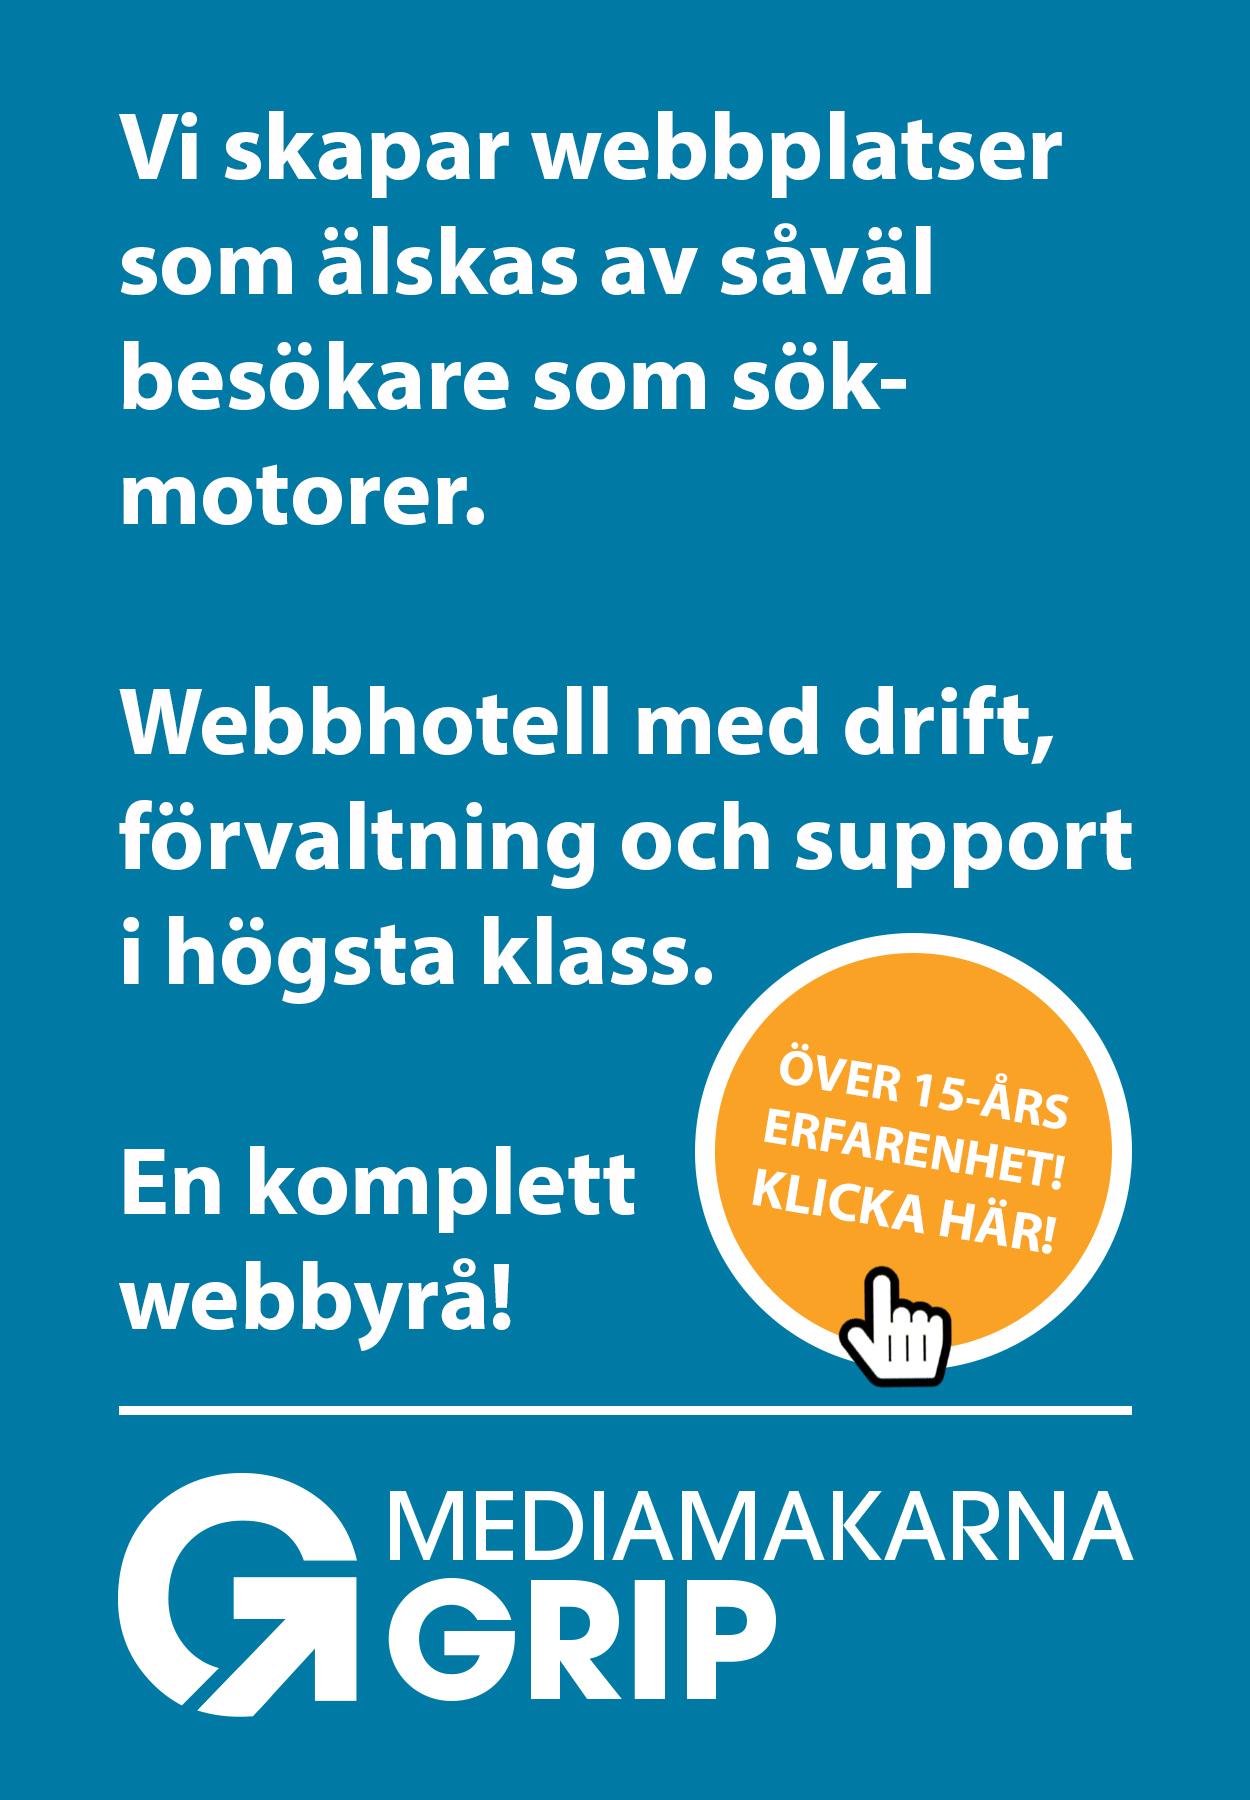 Webbyrå Mediamakarna Grip. Vi skapar webbplatser som älskas av såväl besökare som sök- motorer. Webbhotell med drift, förvaltning och support i framkant.